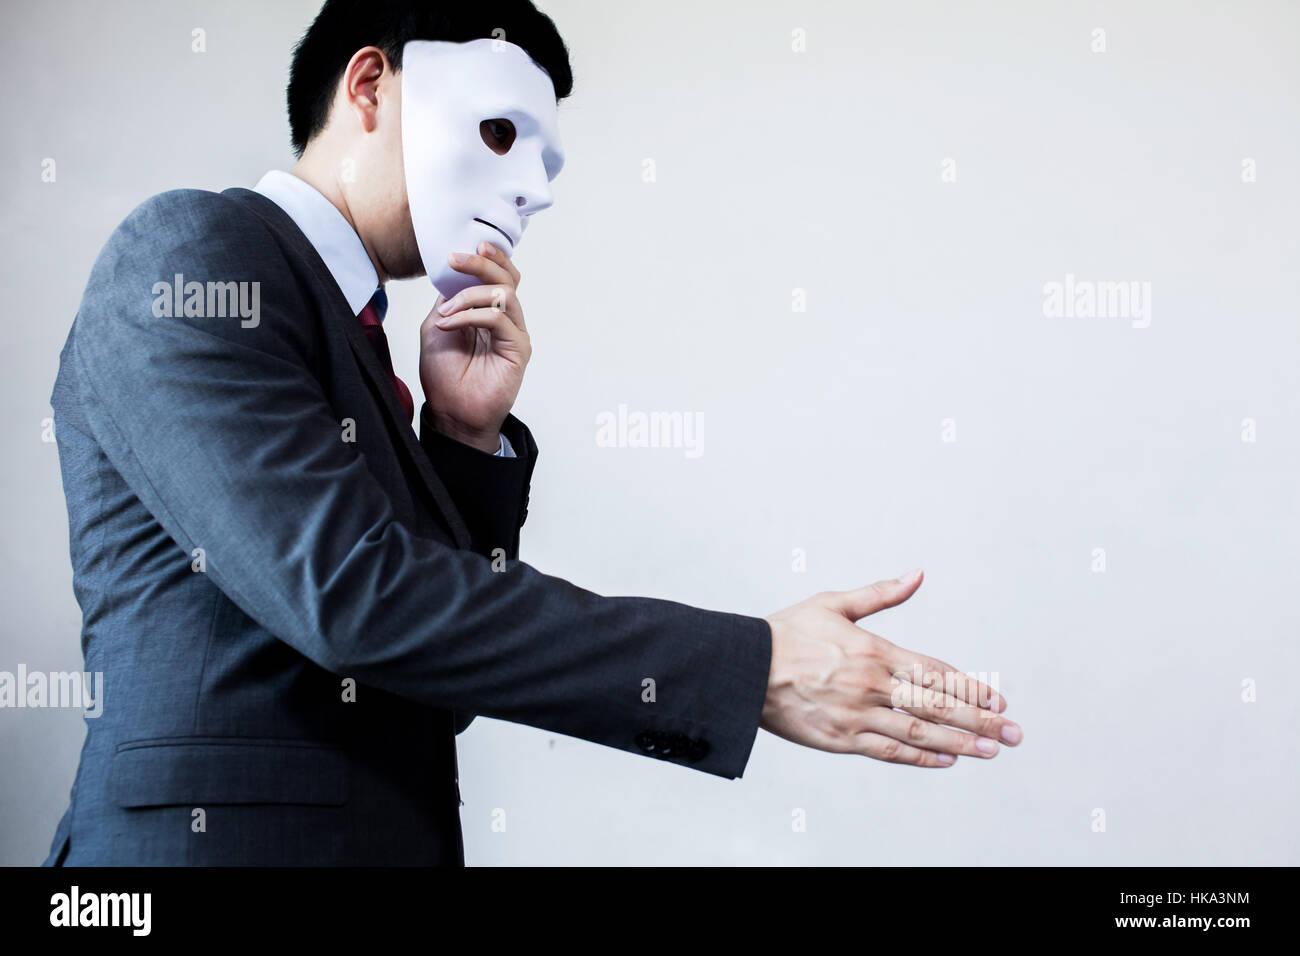 Business Mann geben unehrlich Handshake versteckt in der Maske ...